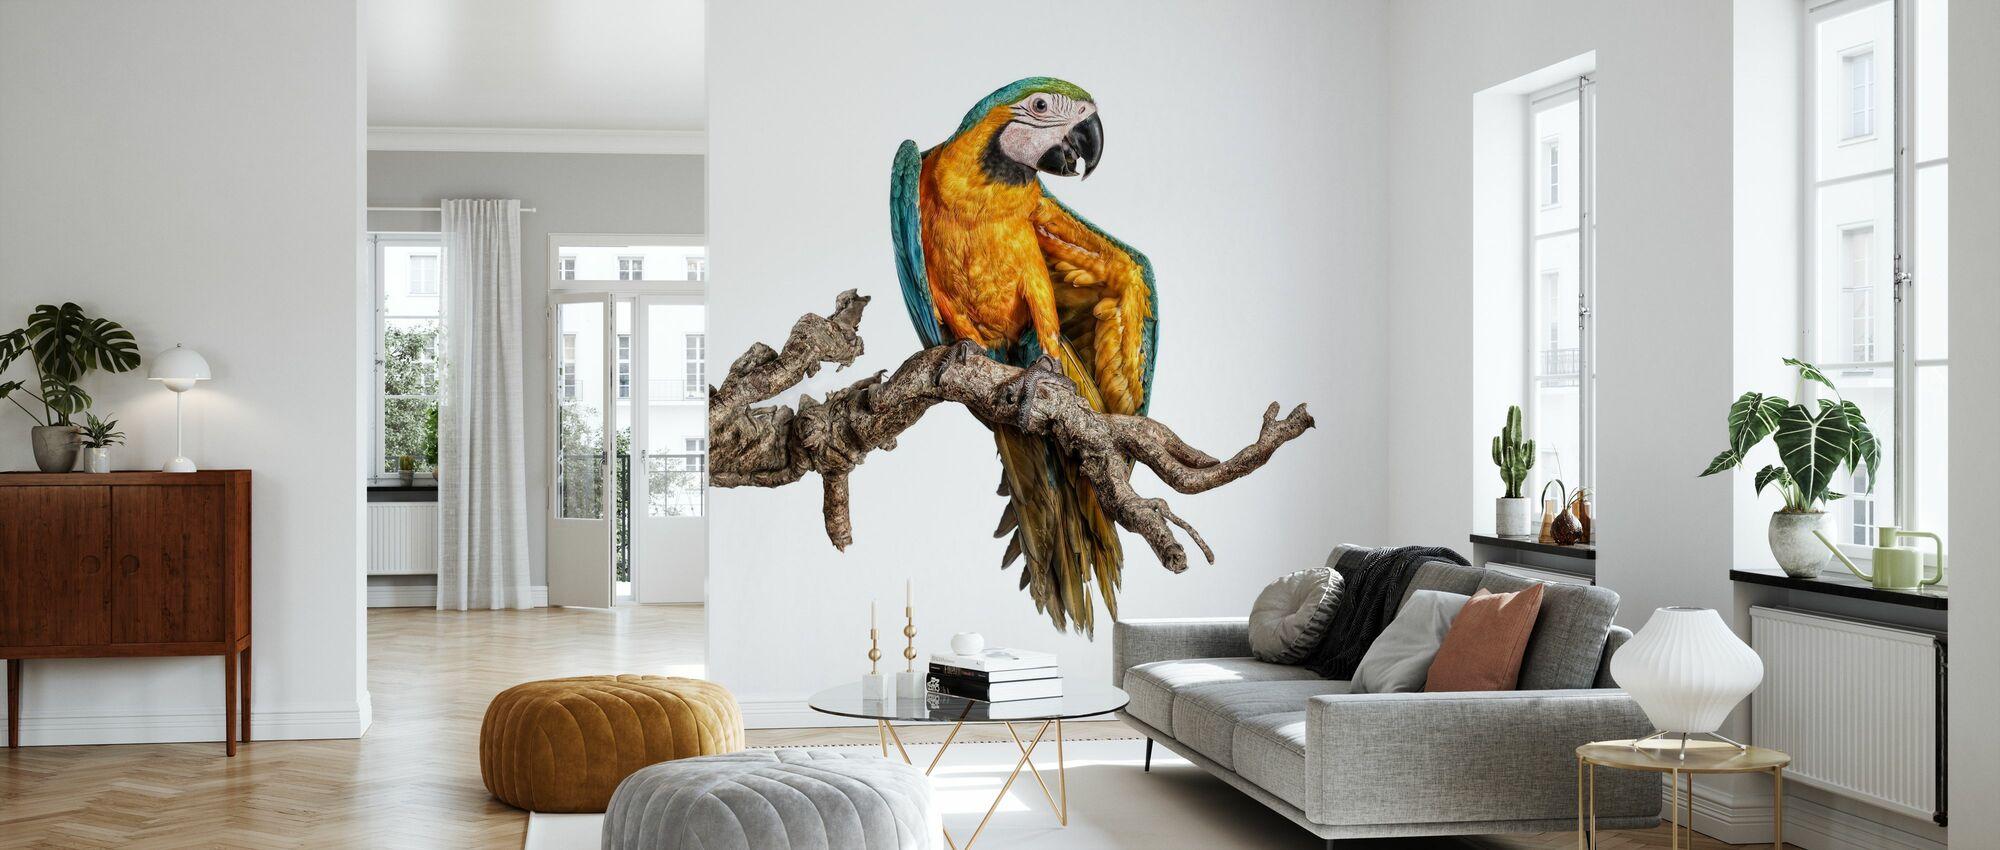 Dancing Parrot - Wallpaper - Living Room